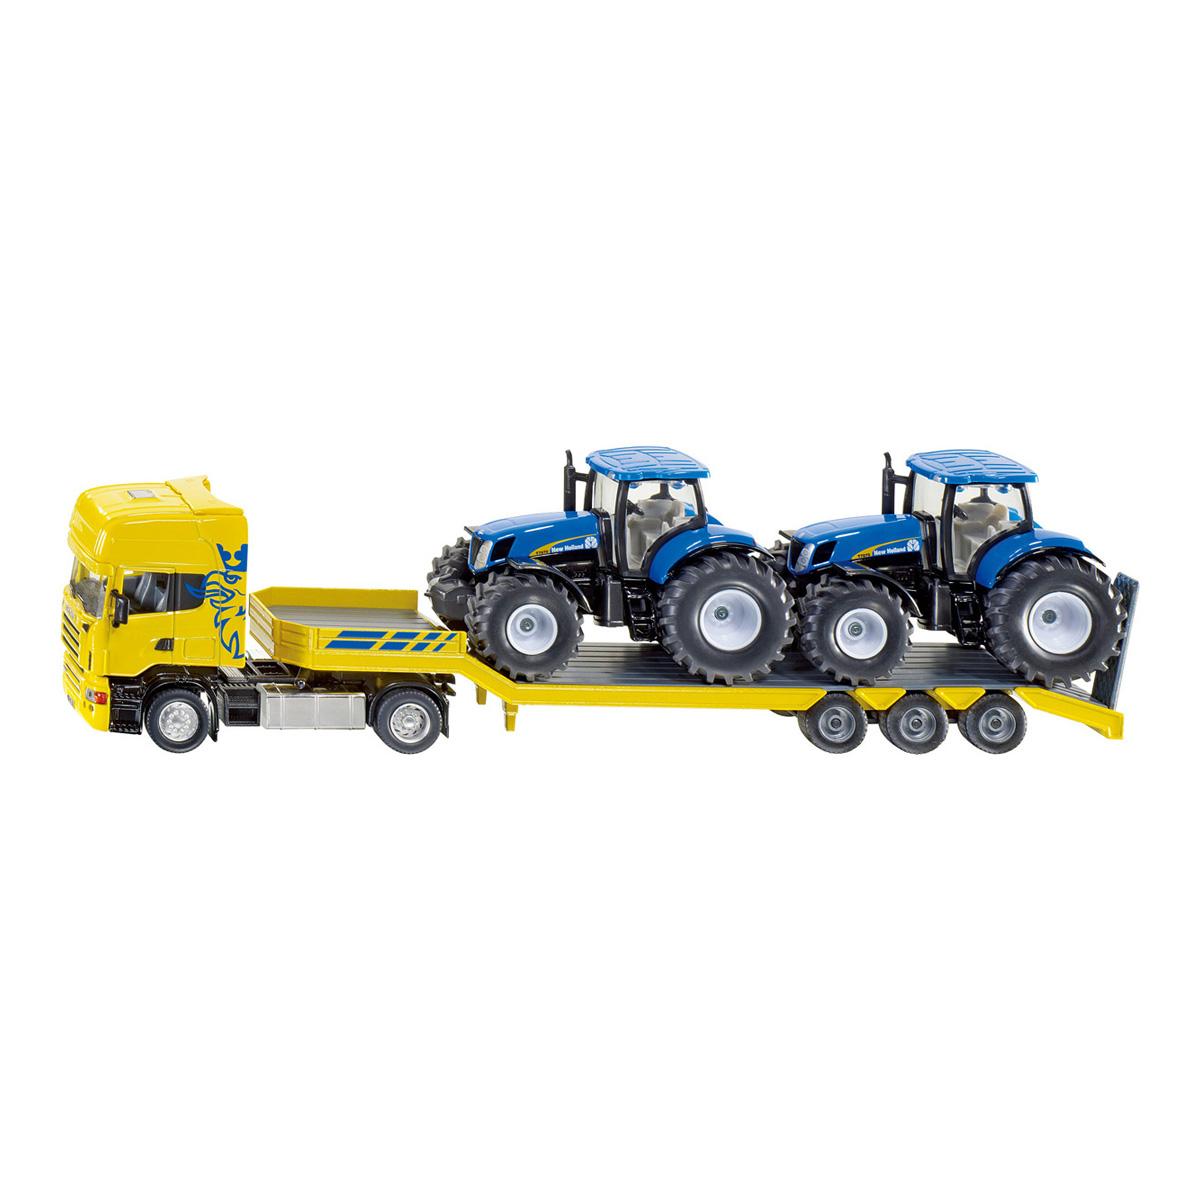 トラクター運搬用トラック 1/50(ジク・SIKU)